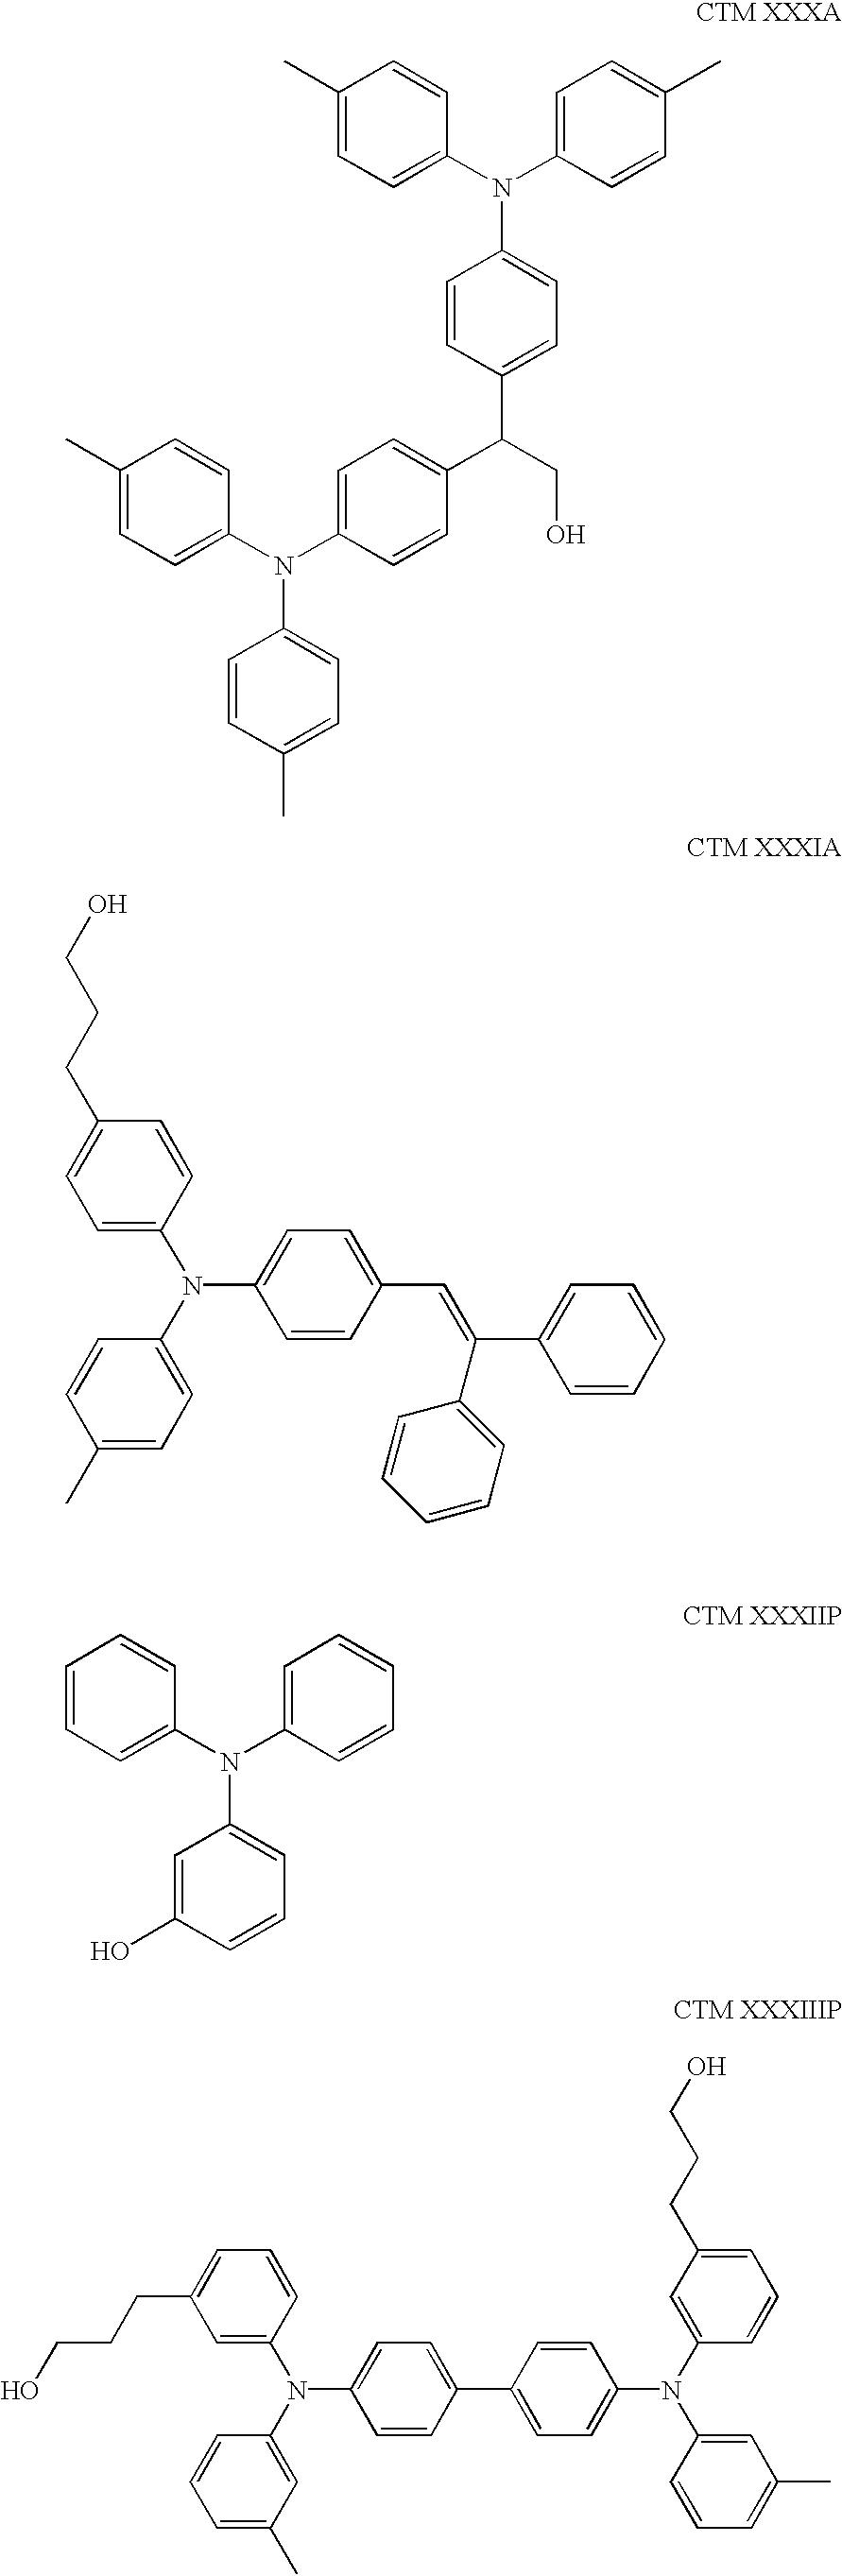 Figure US06517984-20030211-C00022